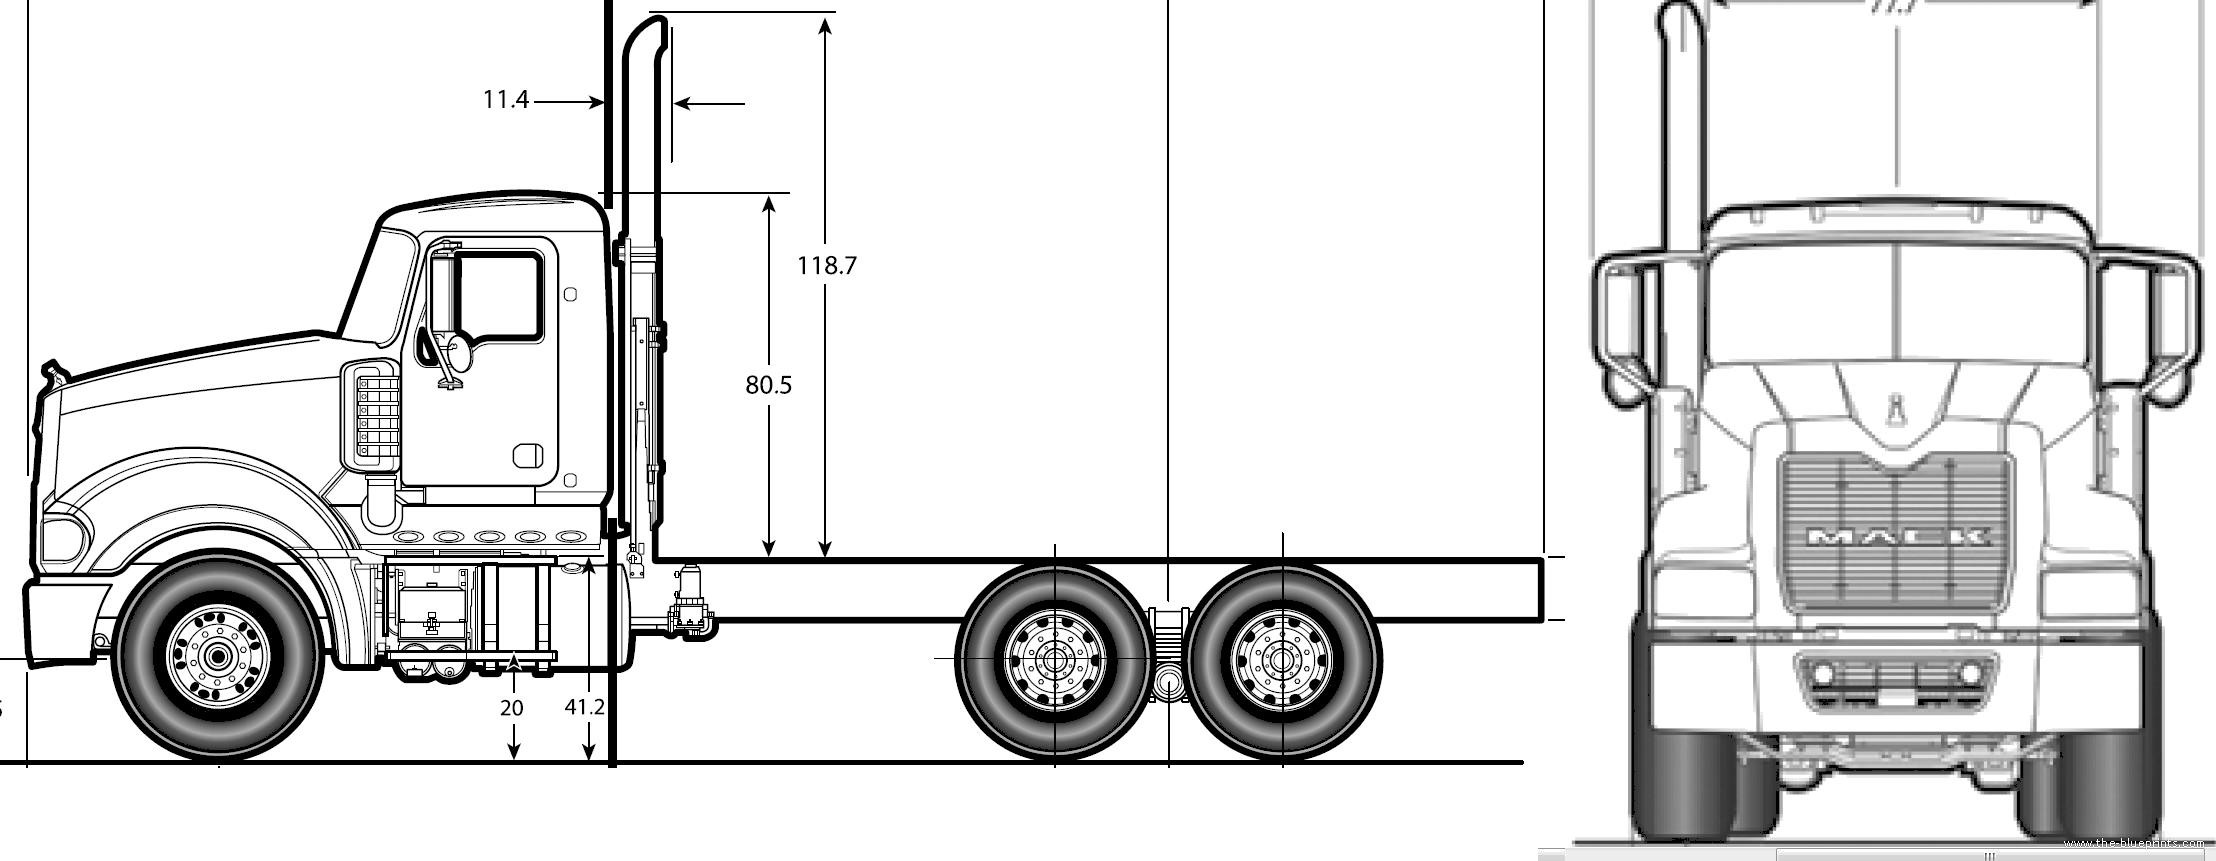 Mack Granite Tractor